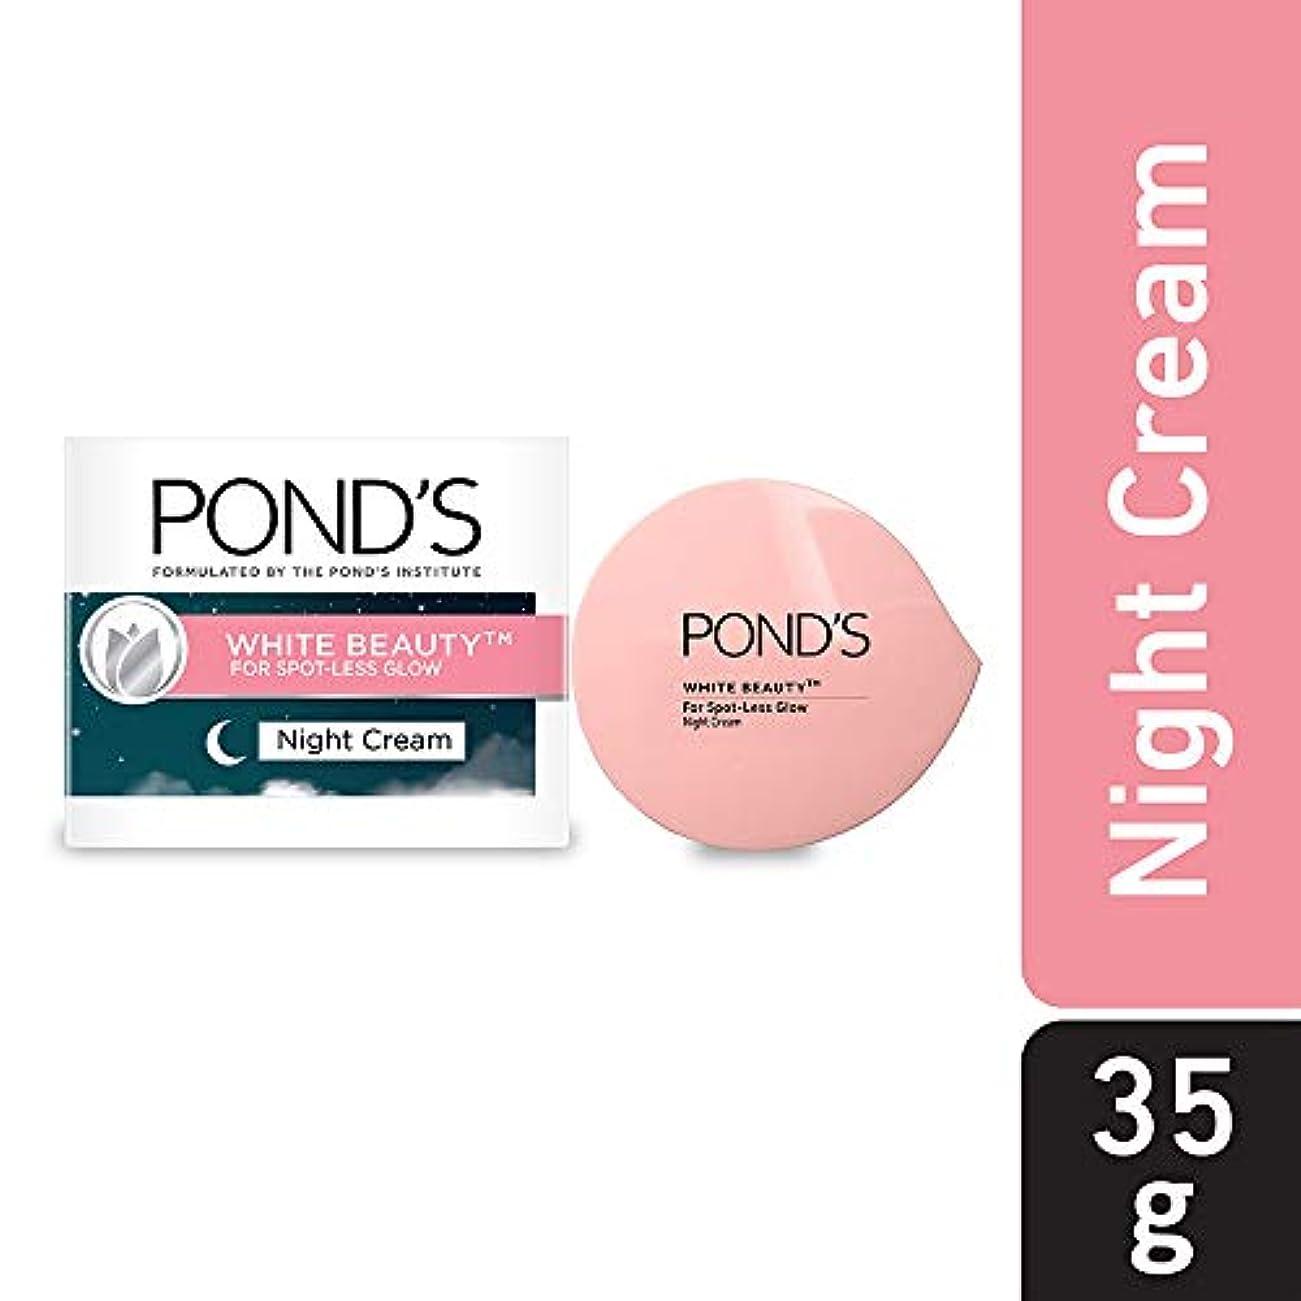 直立ペルソナ不承認POND'S White Beauty Night Cream, 35 g - India (並行インポート)